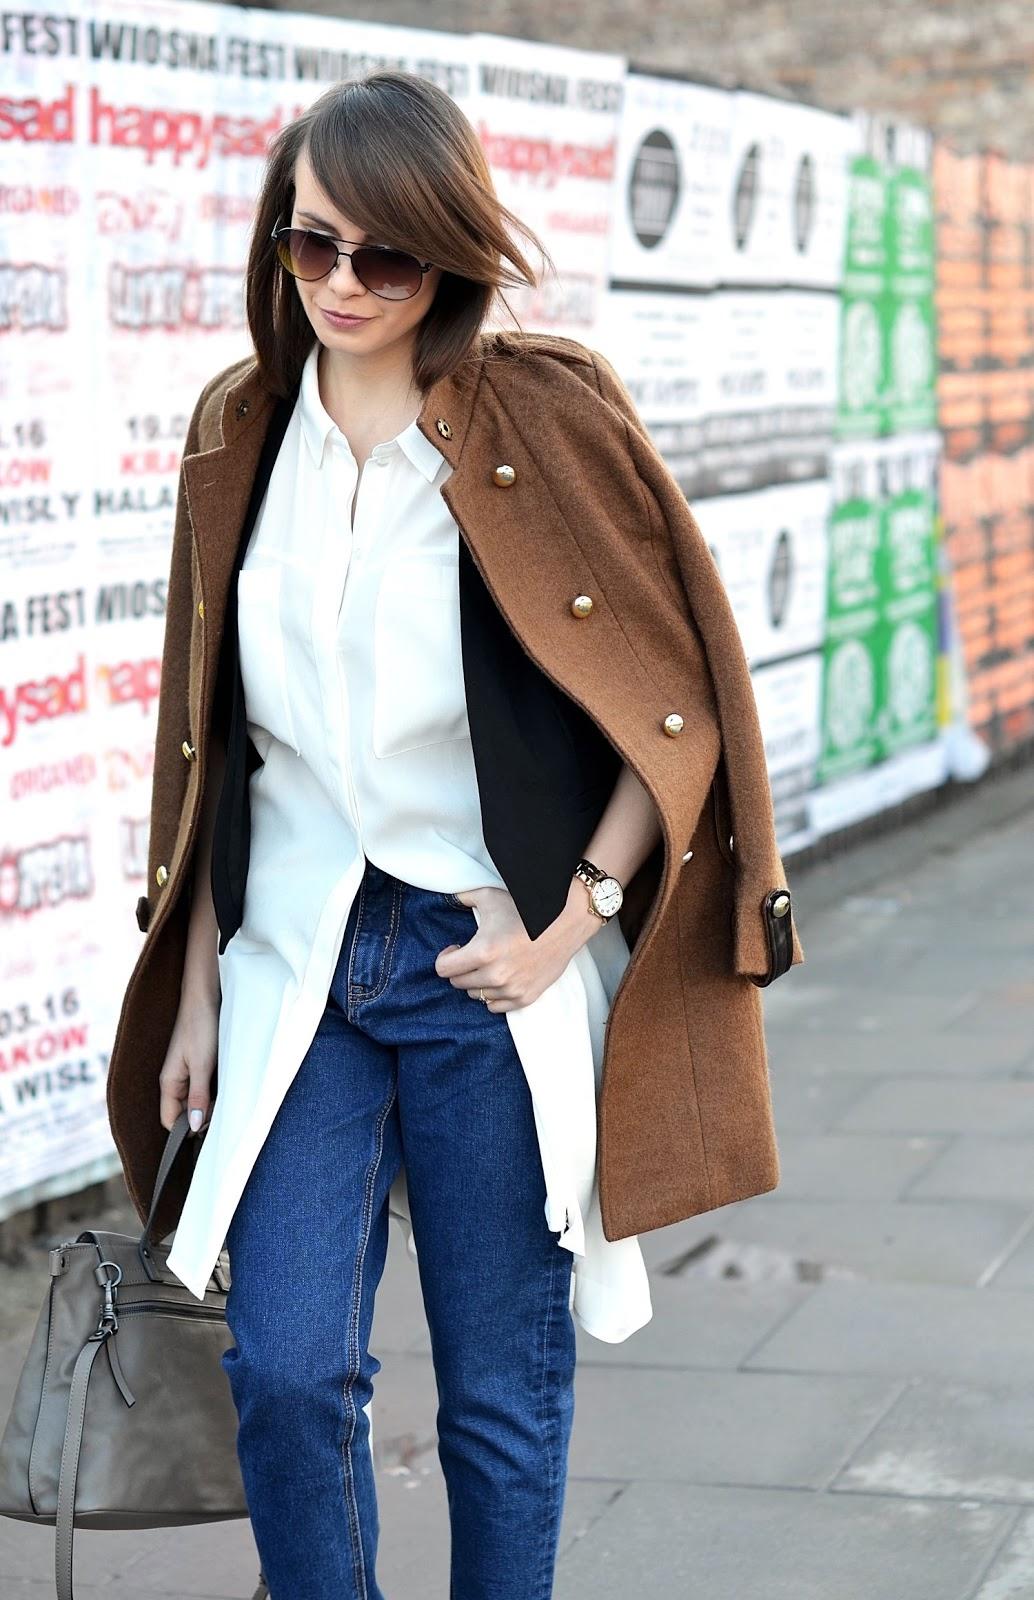 lata 90 spodnie | biala dluga koszula | czarna kamizelka | zloty zegarek | blog modowy | blogerka modowa